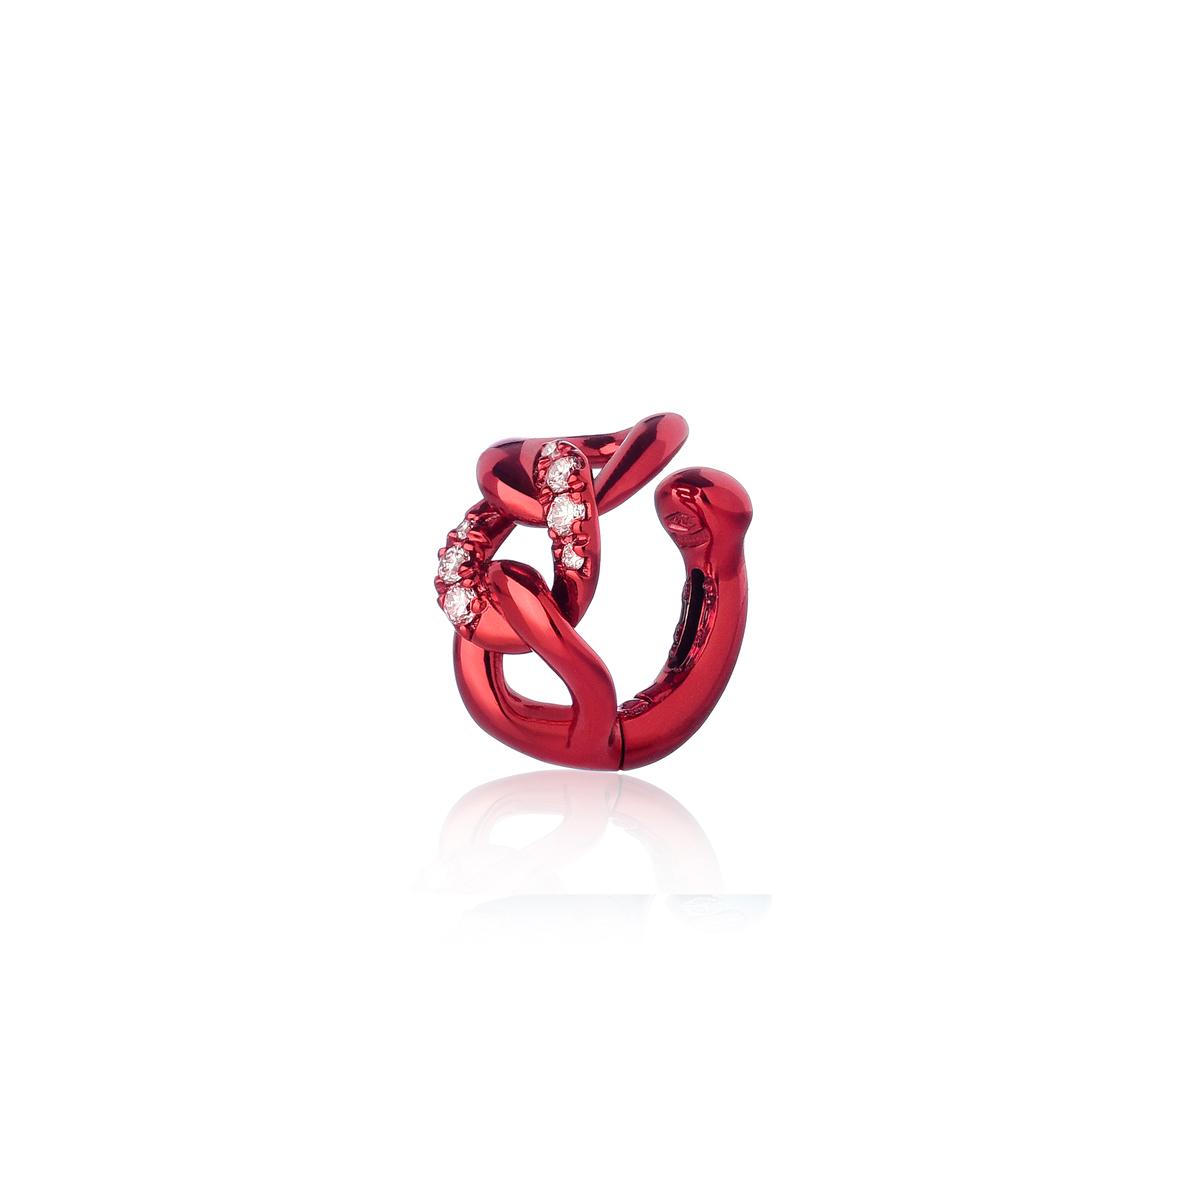 Mono Groumette Earrings